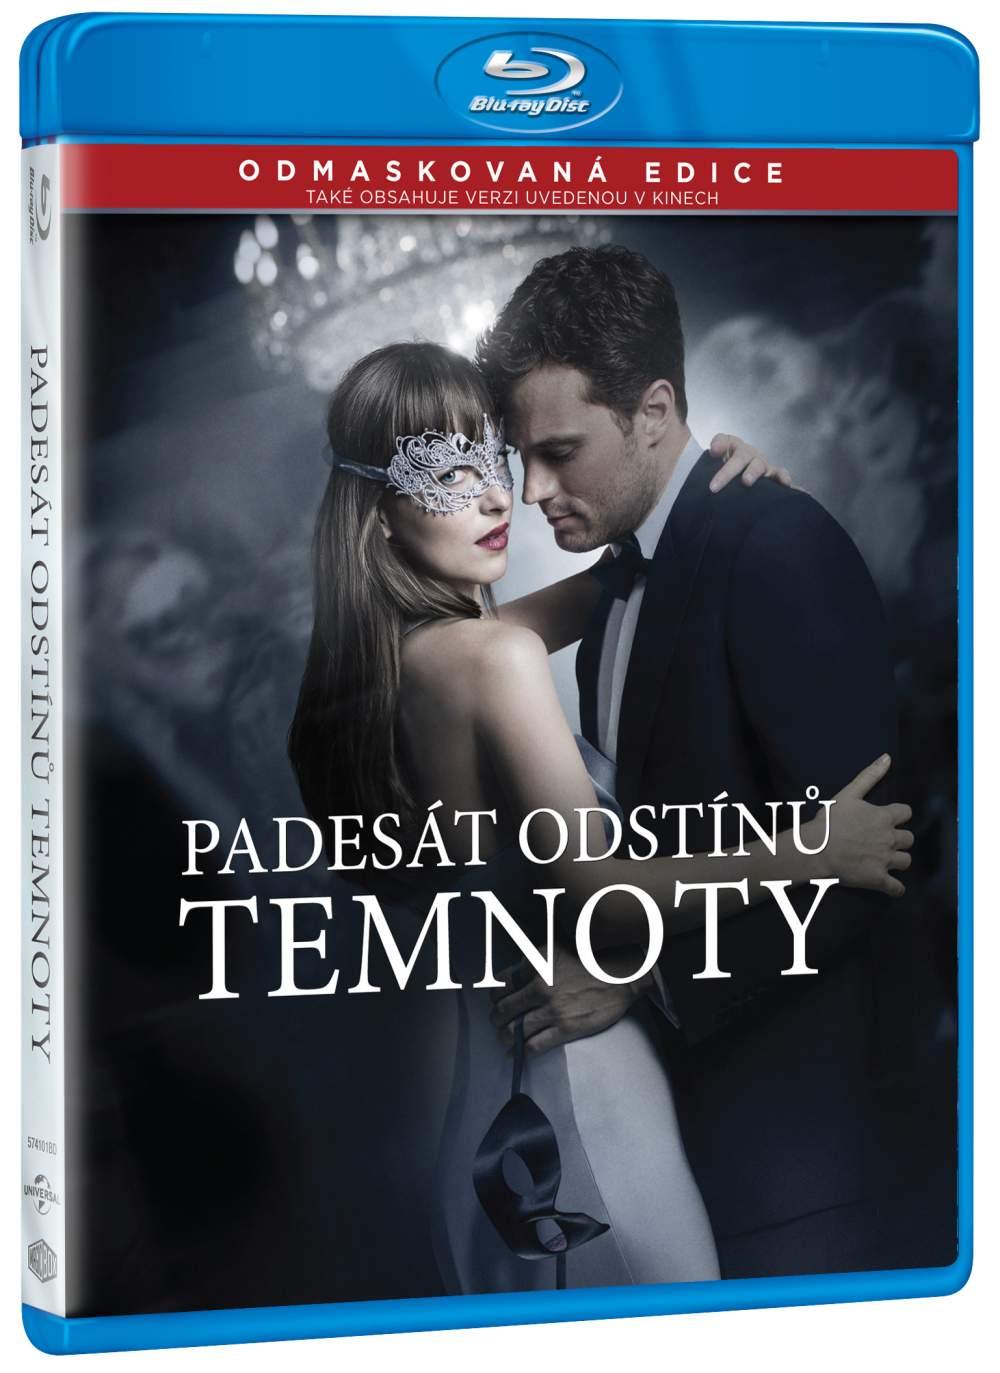 PADESÁT ODSTÍNŮ TEMNOTY - Blu-ray